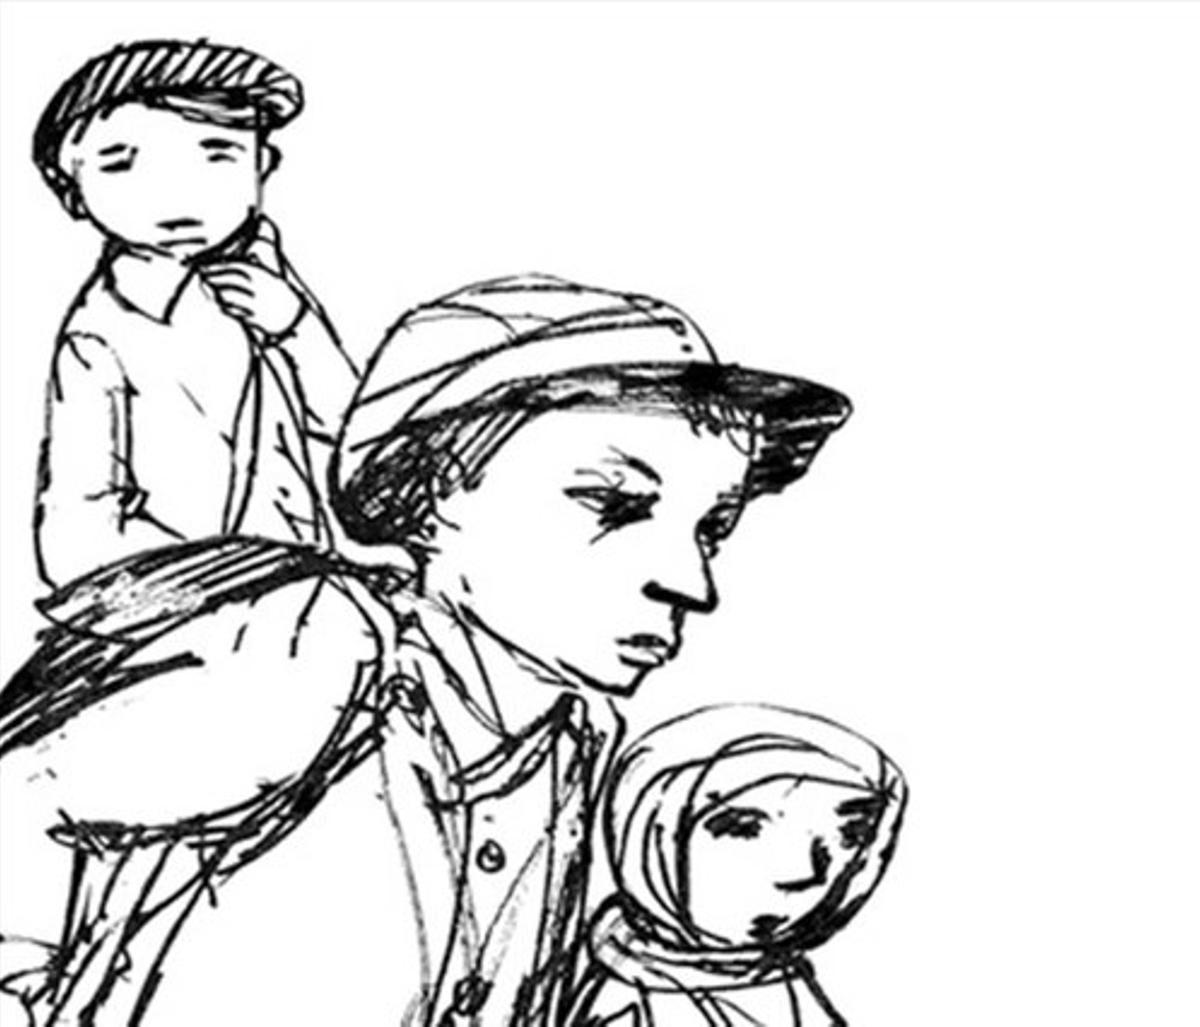 Ilustración de Carme Solé Vendrell en 'La cruzada de los niños'.